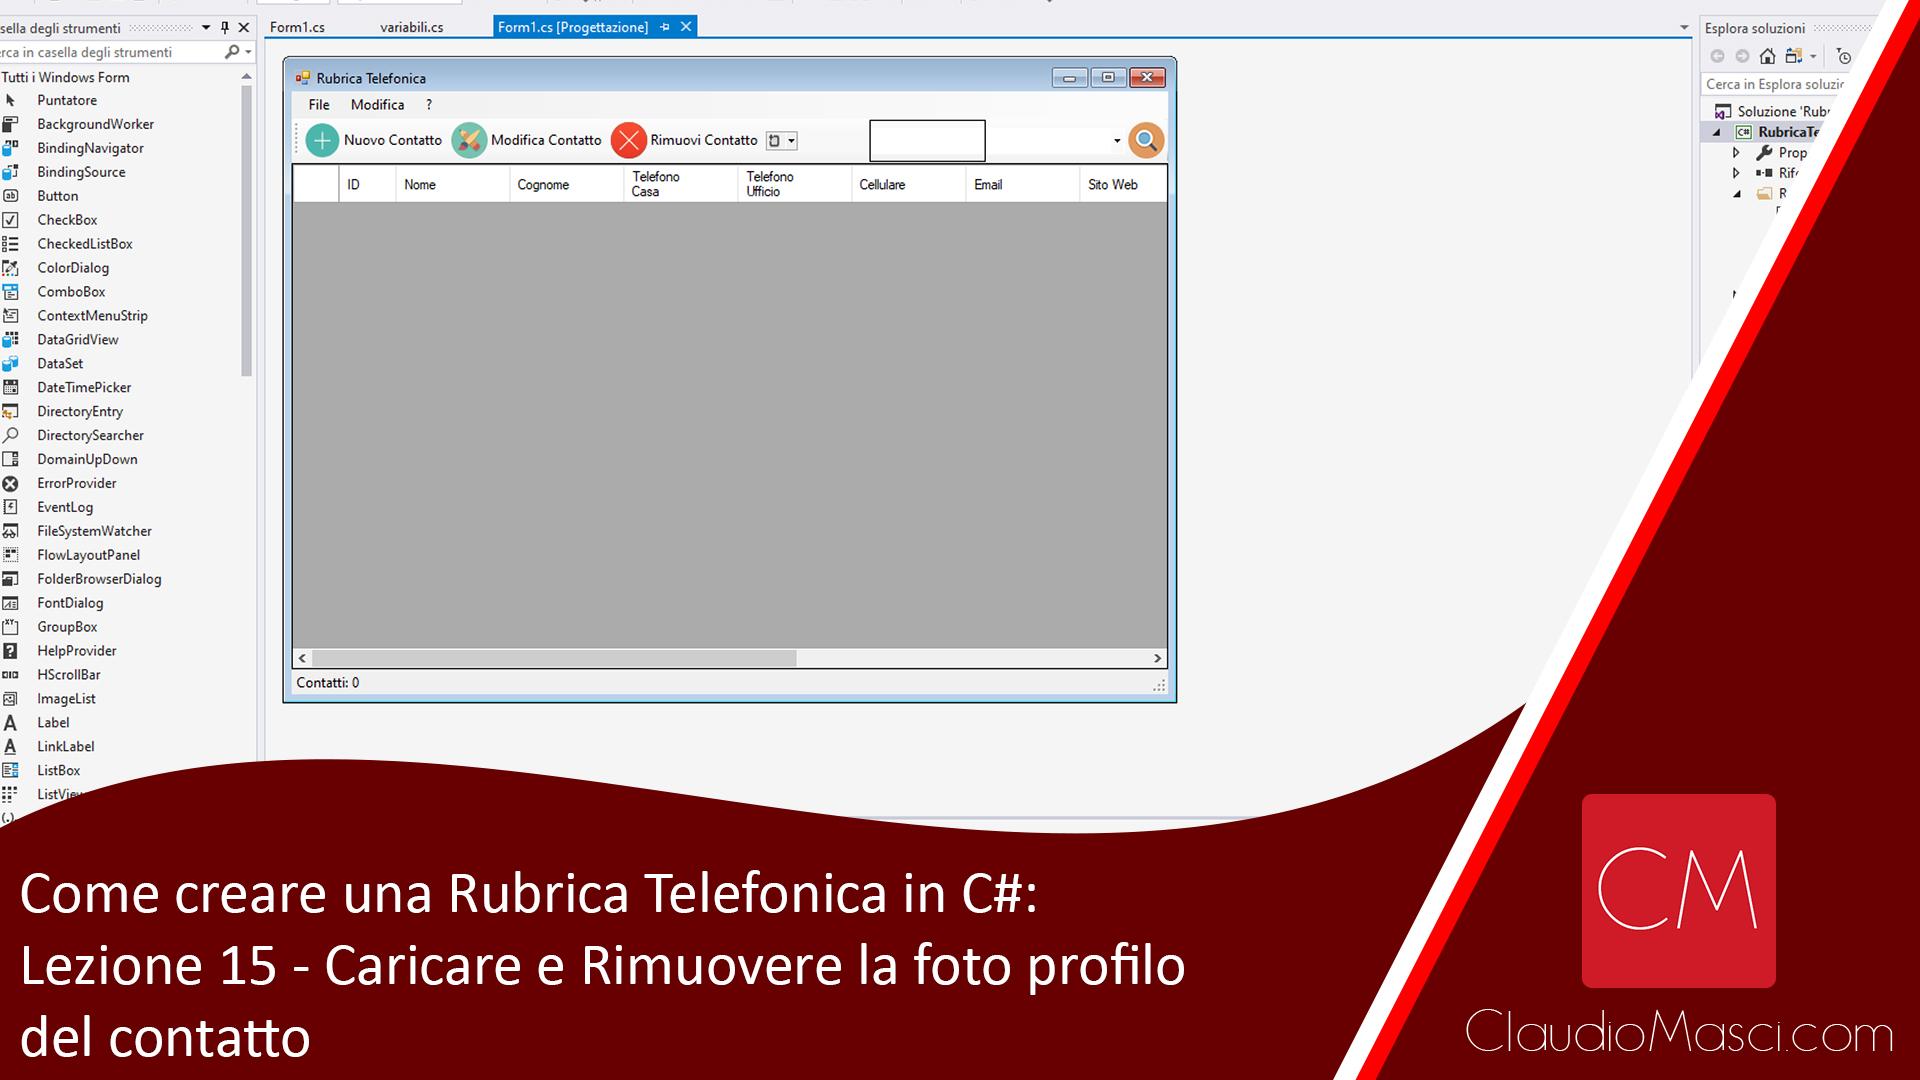 Come creare una Rubrica Telefonica in C# – Lezione 15 – Caricare e rimuovere la foto profilo del contatto